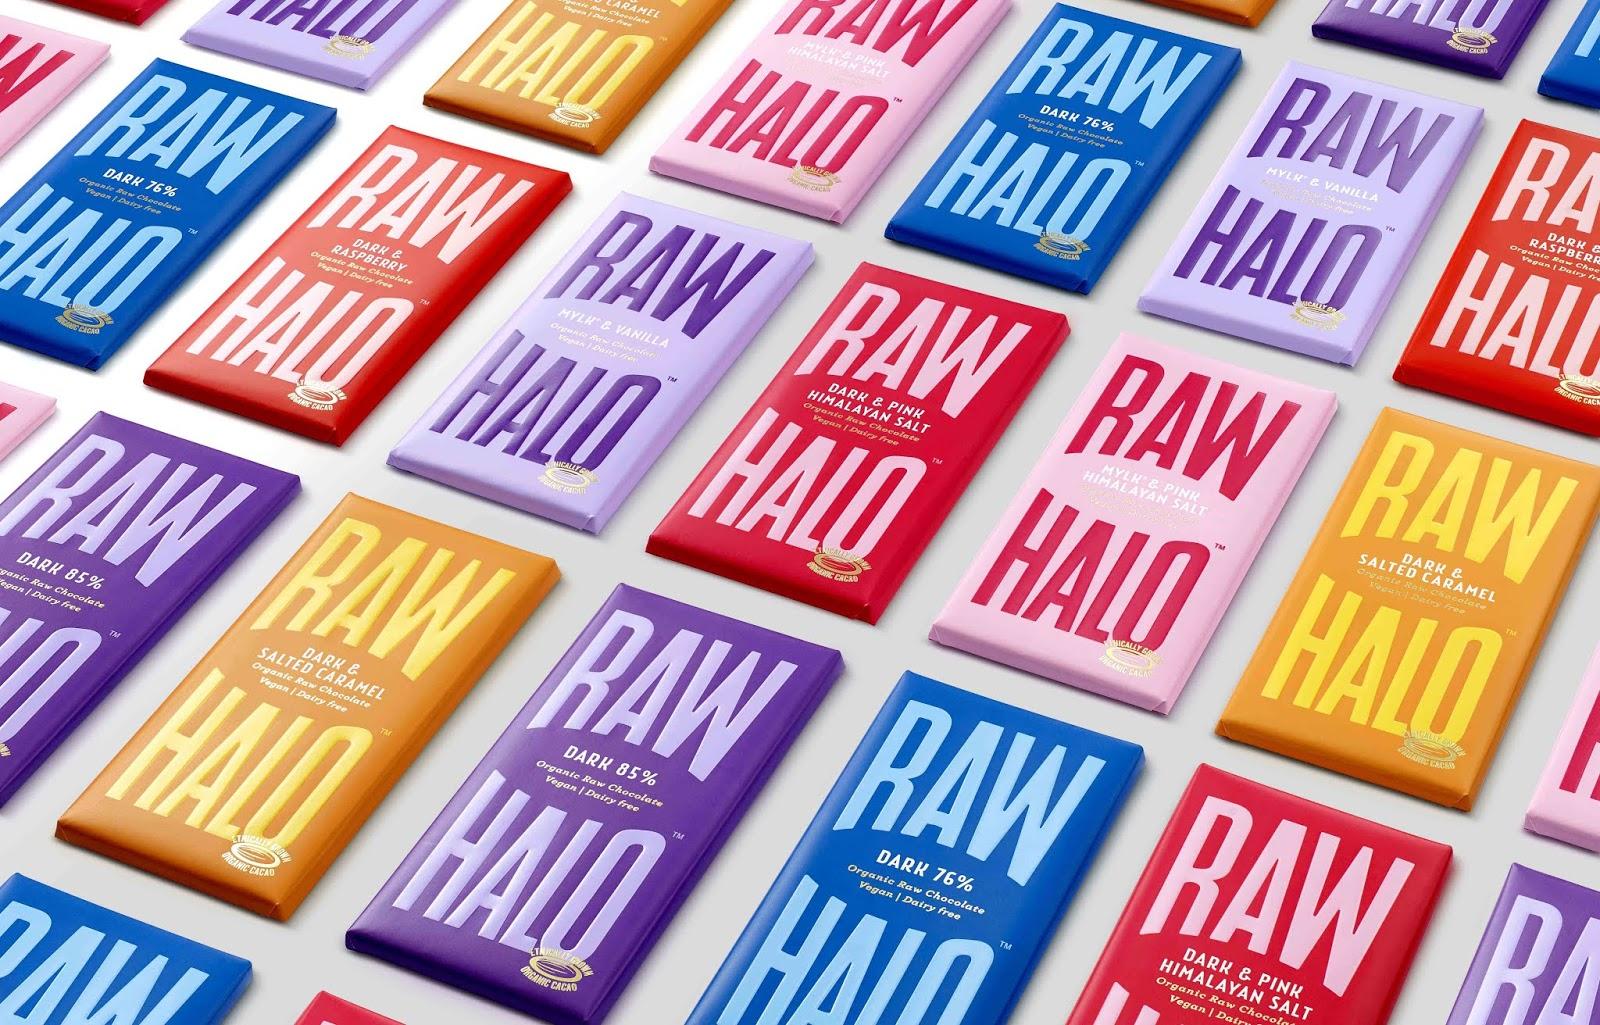 Raw Halo巧克力包装365bet官网